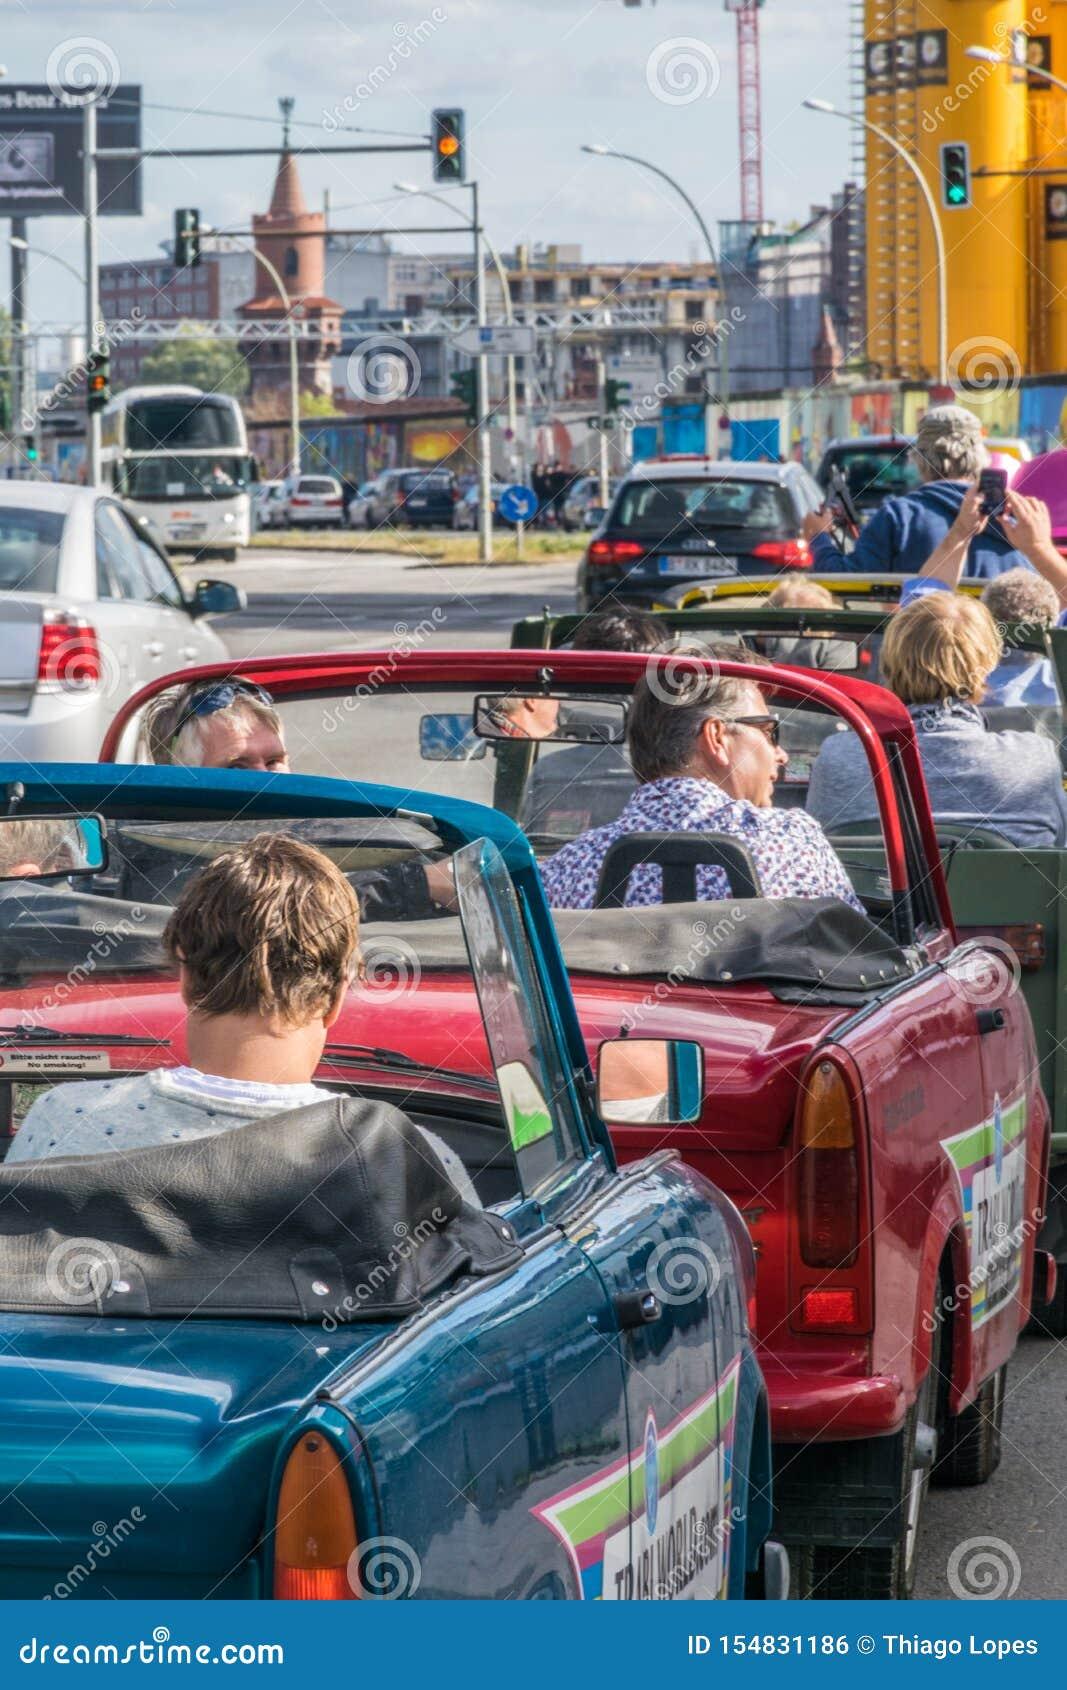 ΒΕΡΟΛΙΝΟ, ΓΕΡΜΑΝΙΑ - 26 Σεπτεμβρίου 2018: Ζωηρόχρωμο αστικό περιβάλλον των τουριστών που οδηγούν τα οχήματα trabi-σαφάρι, αυτοκίν